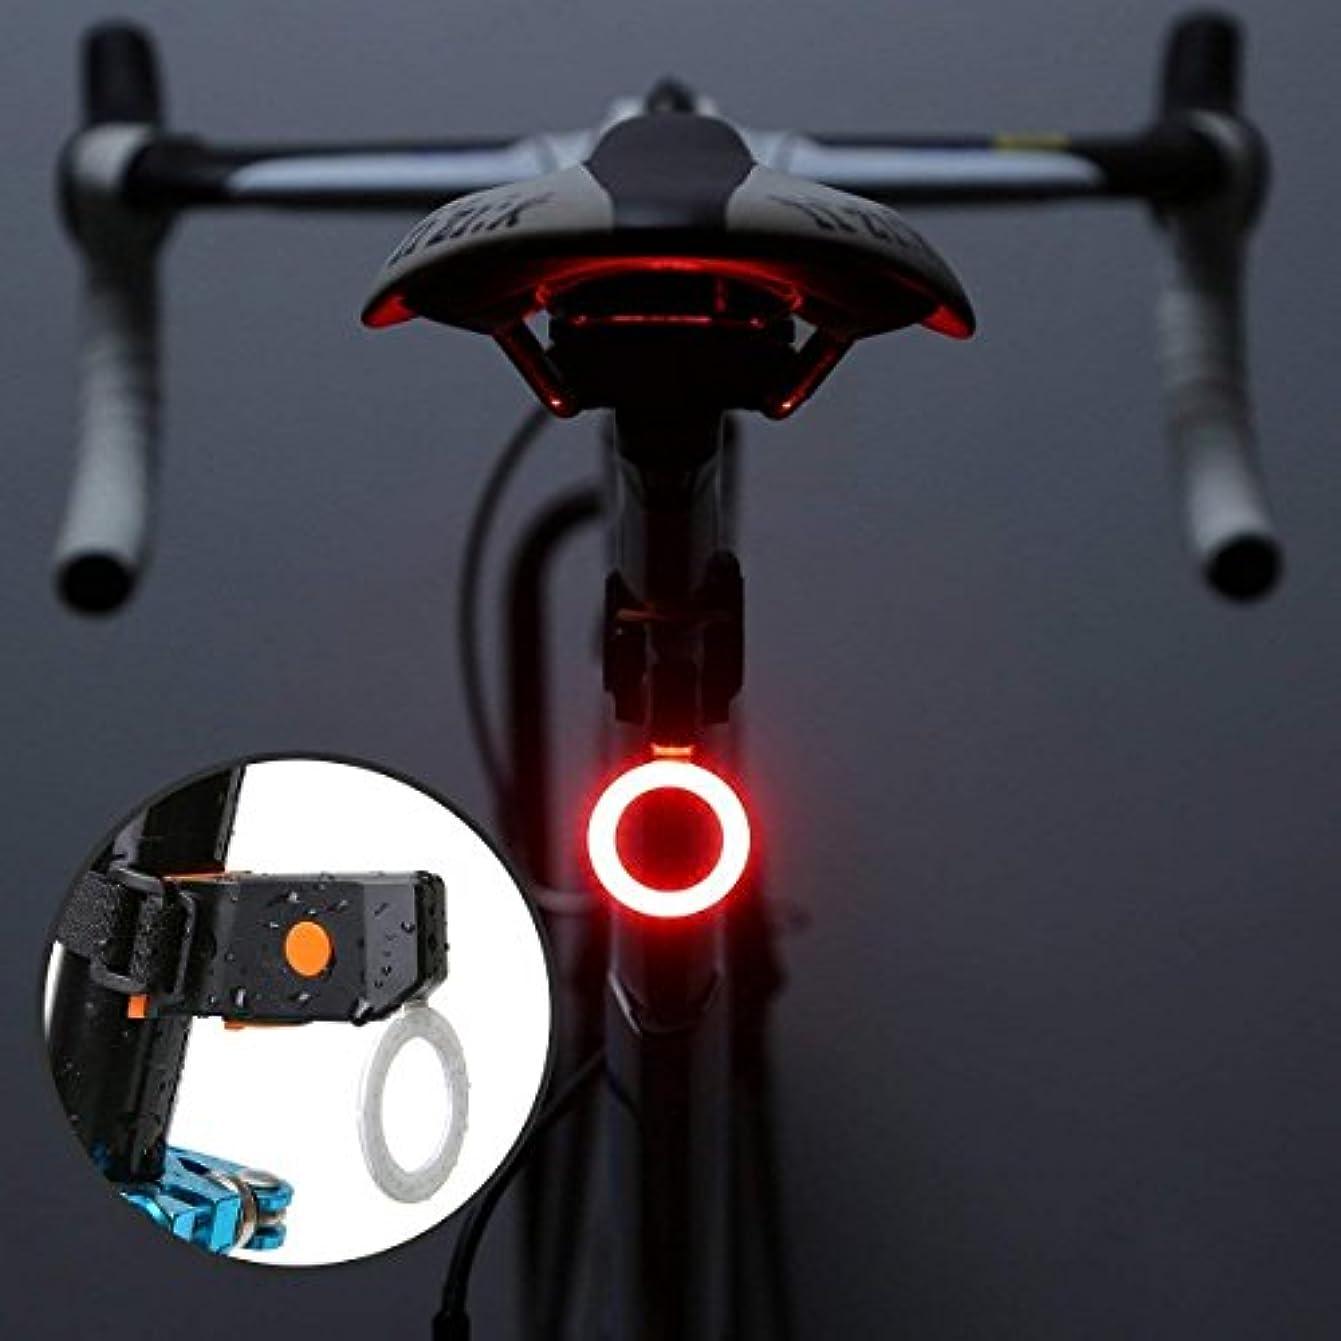 ベンチ講師バスケットボールROOFTOPS 自転車 テールライトUSB充電式 防水 高輝度led テールライト 自転車用 セーフティーライト ライト五つ点灯モード 軽量 ロードバイク マウンテンバイク 小型自転車 リアライト テールランプ (01)